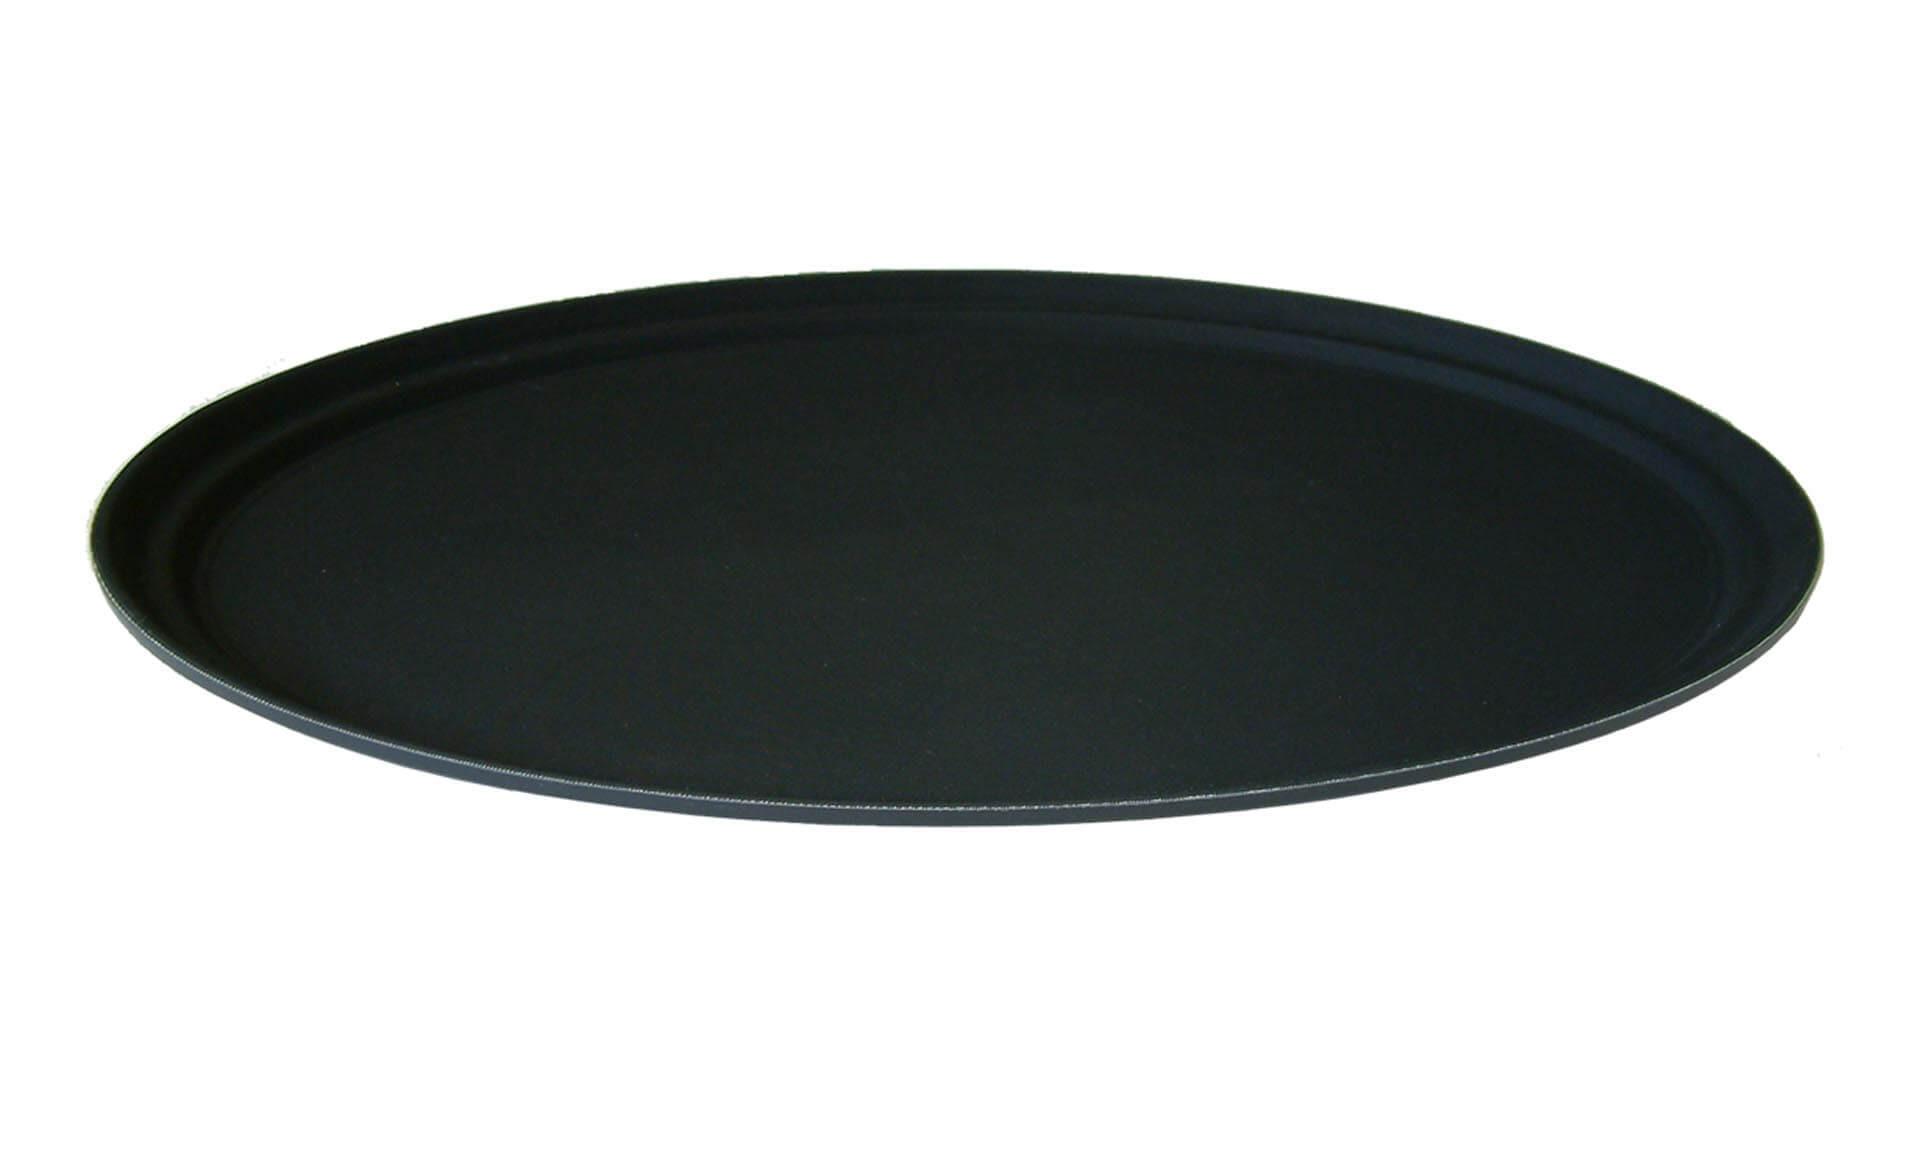 Stor-oval-skridsikker-Serveringsbakke-sort